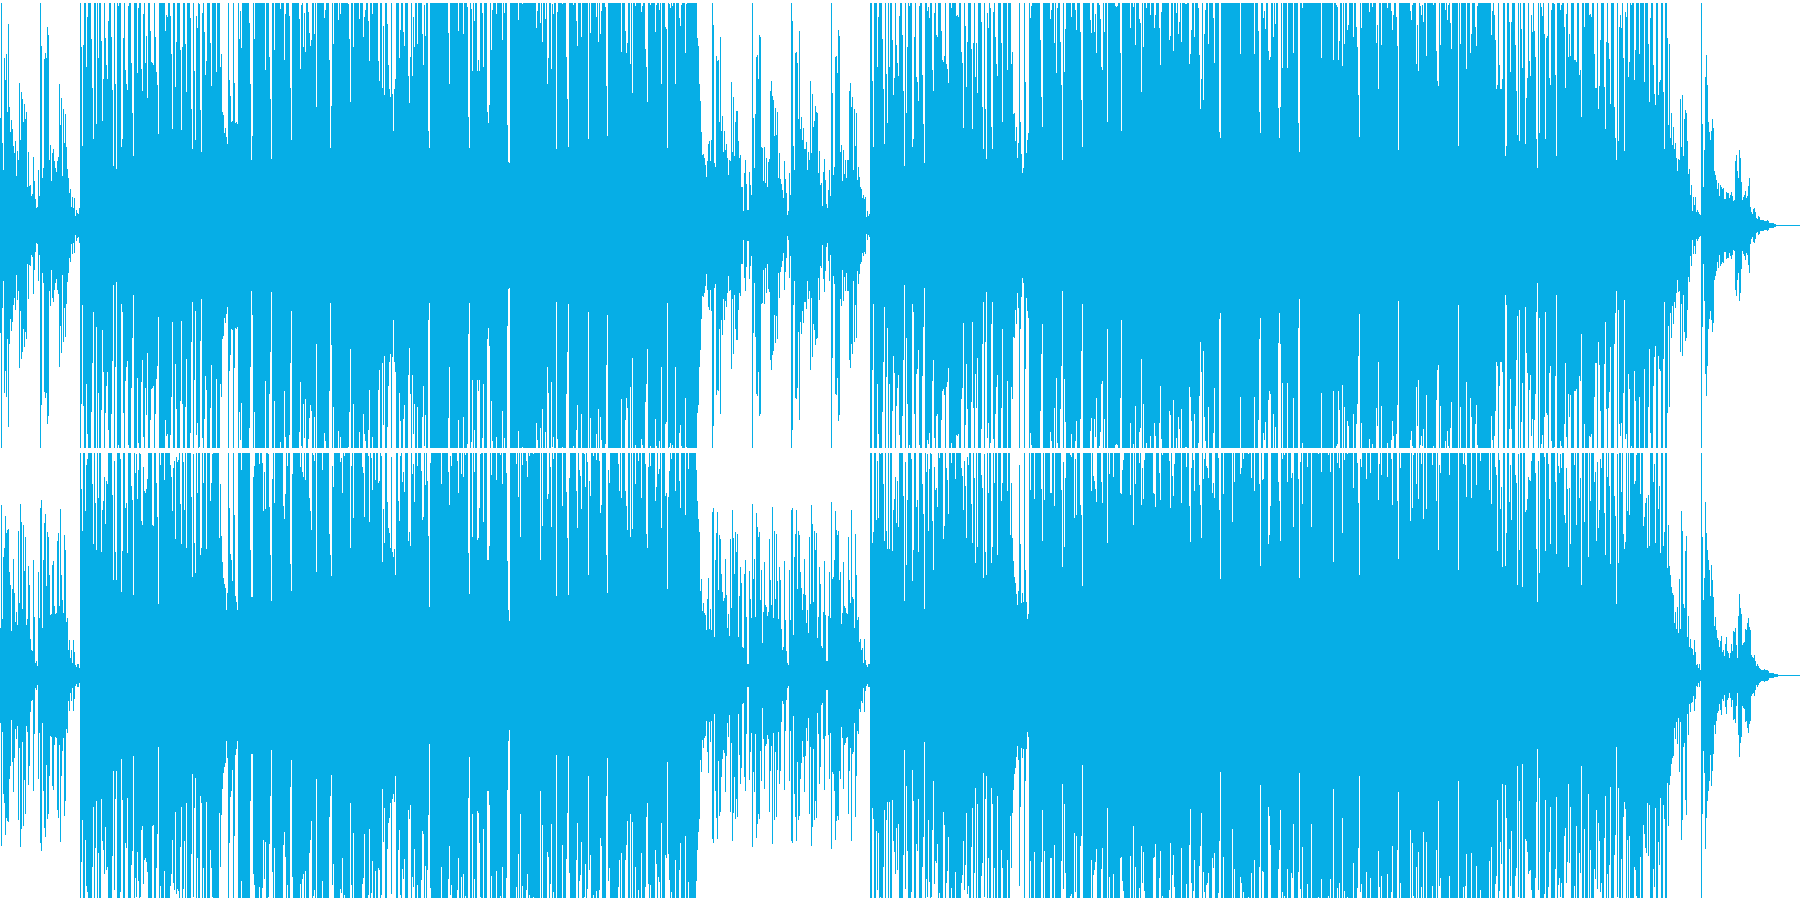 ガットギターPOPギターインストの再生済みの波形